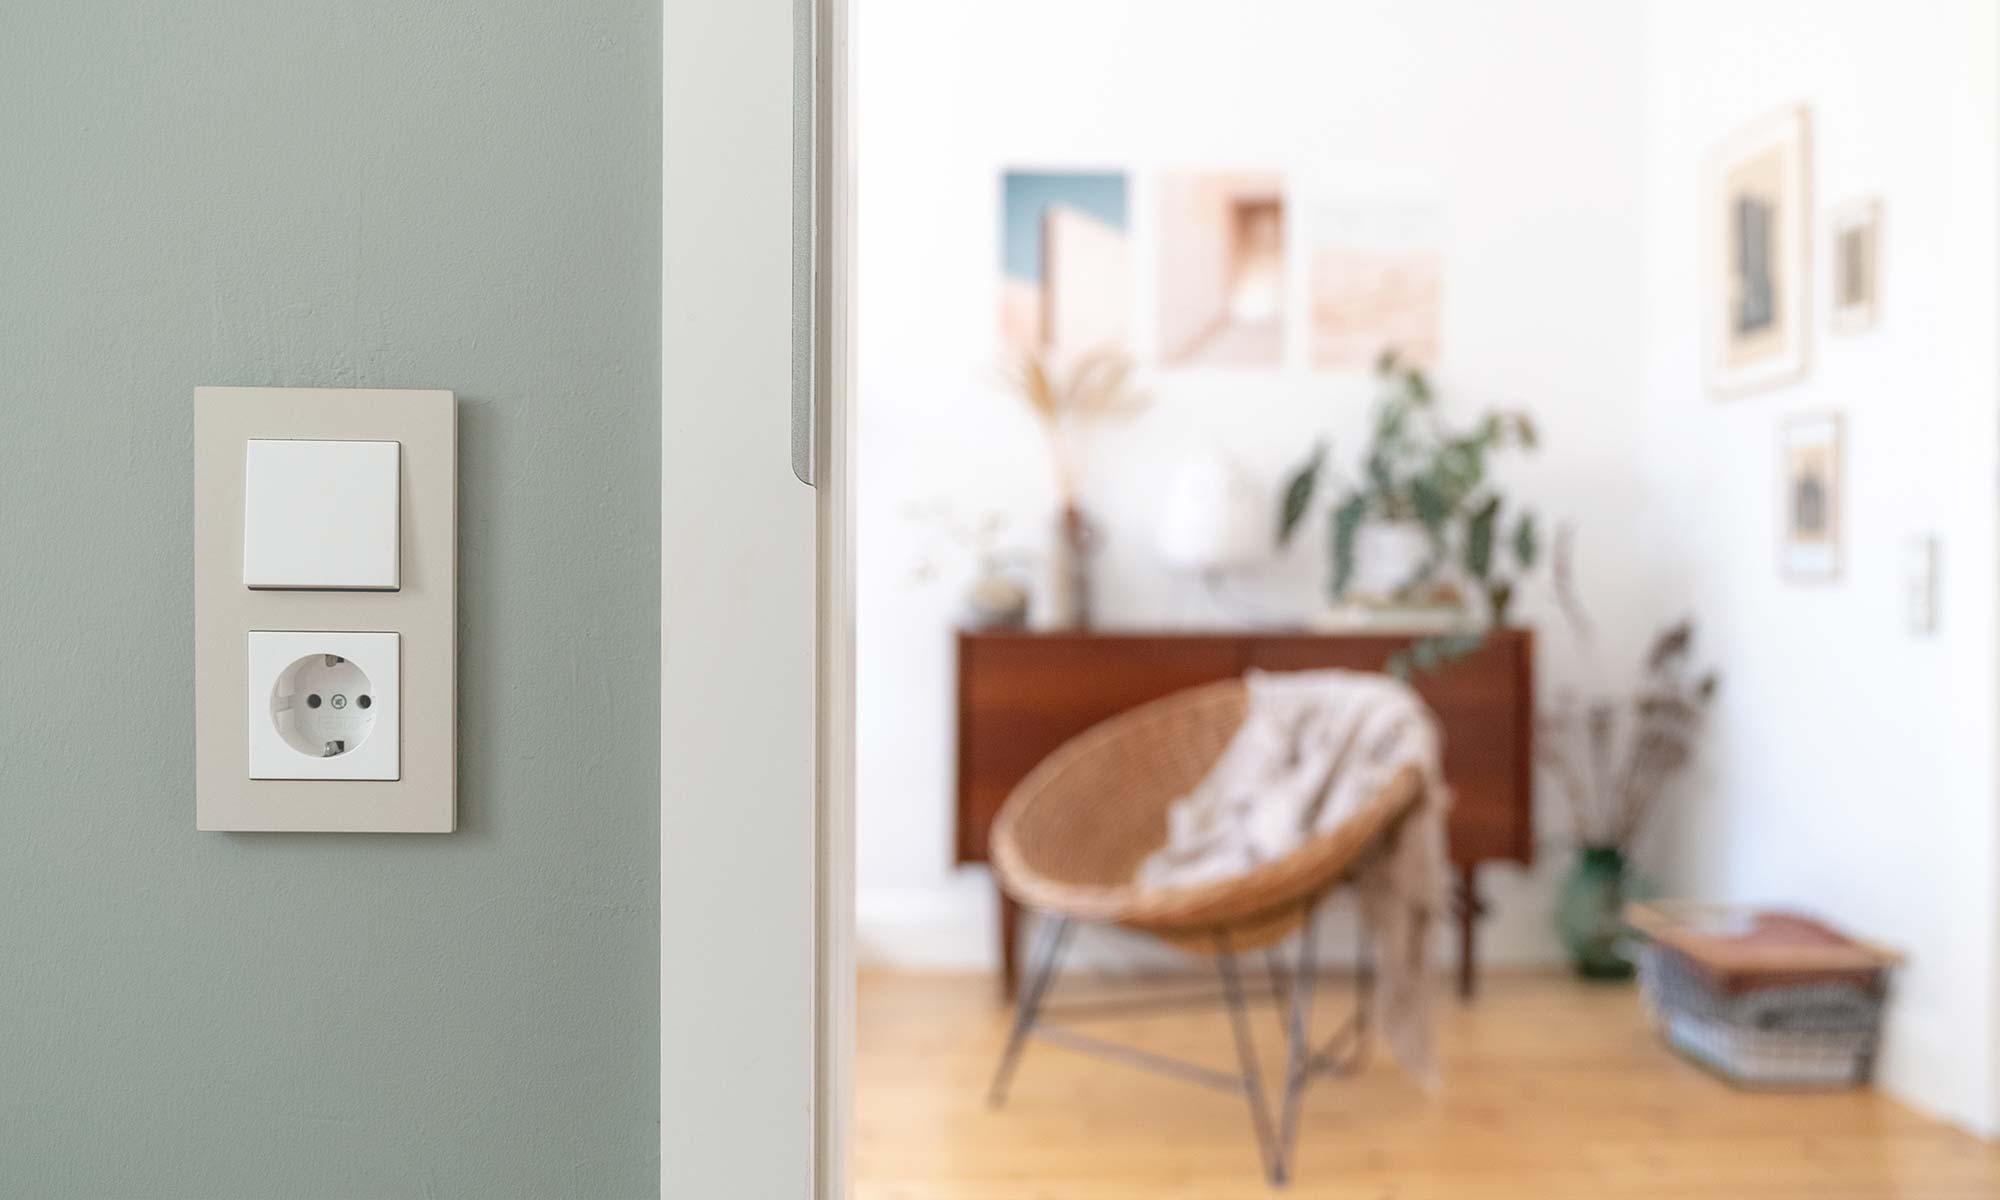 Gira Linoleum Schalter in Wohnung